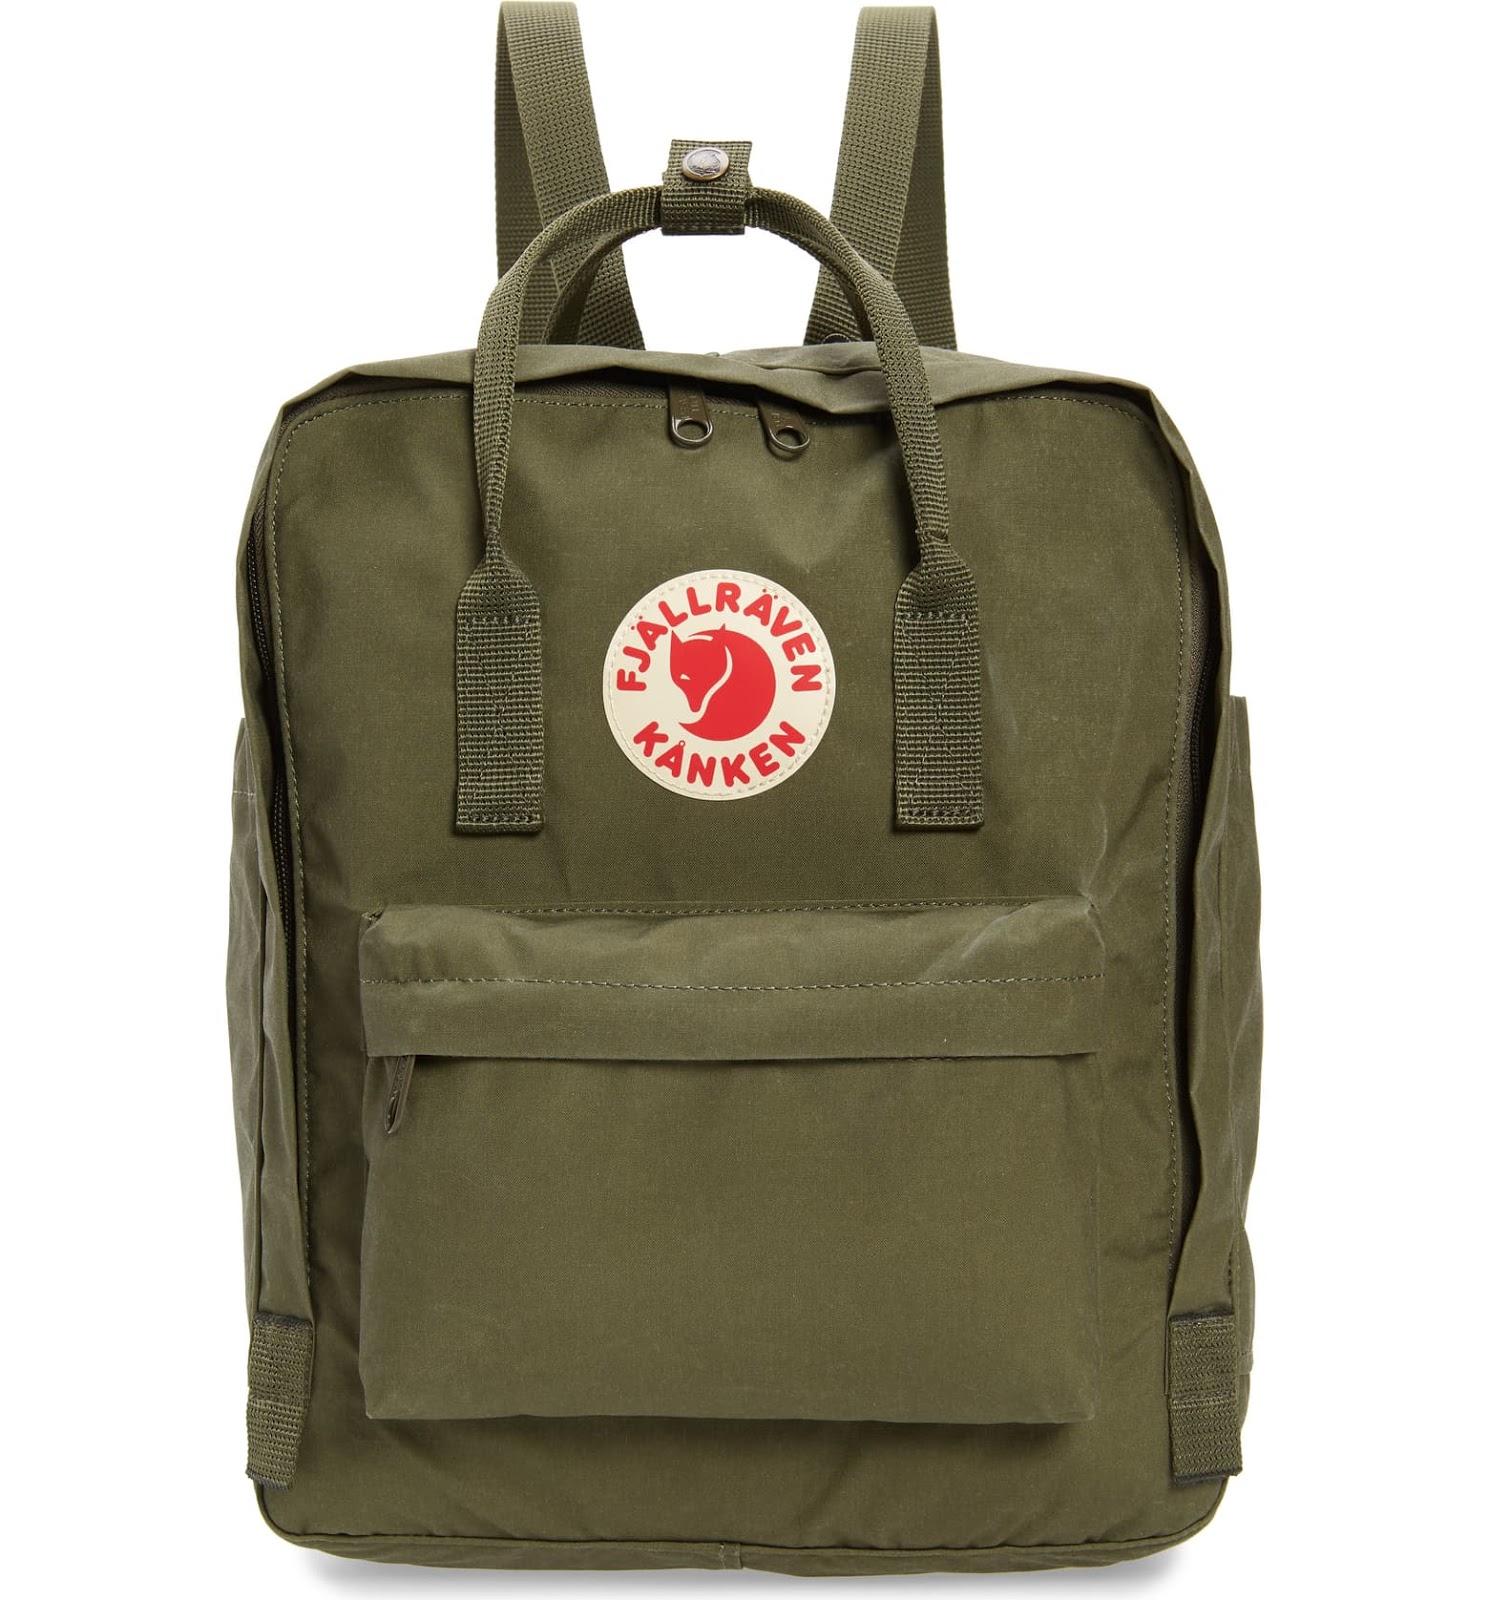 KÃ¥nken Water-Resistant Backpack